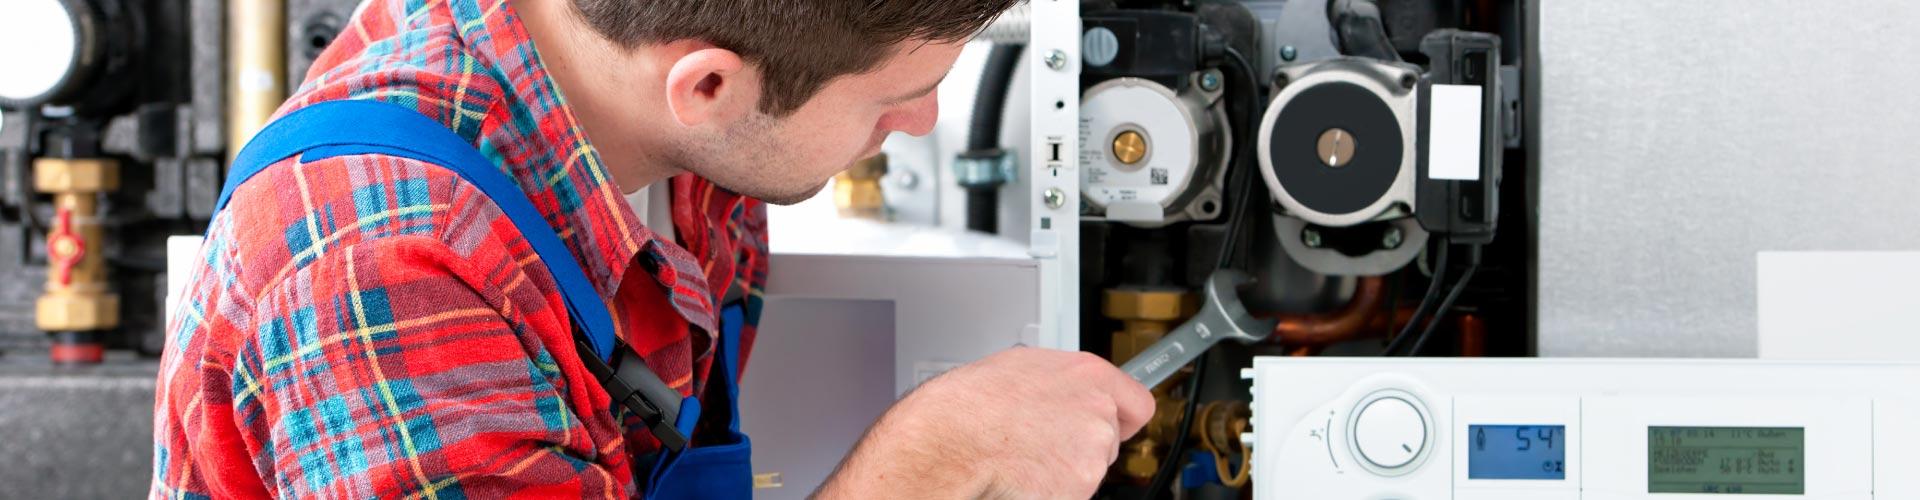 Boiler Repair in Taplow